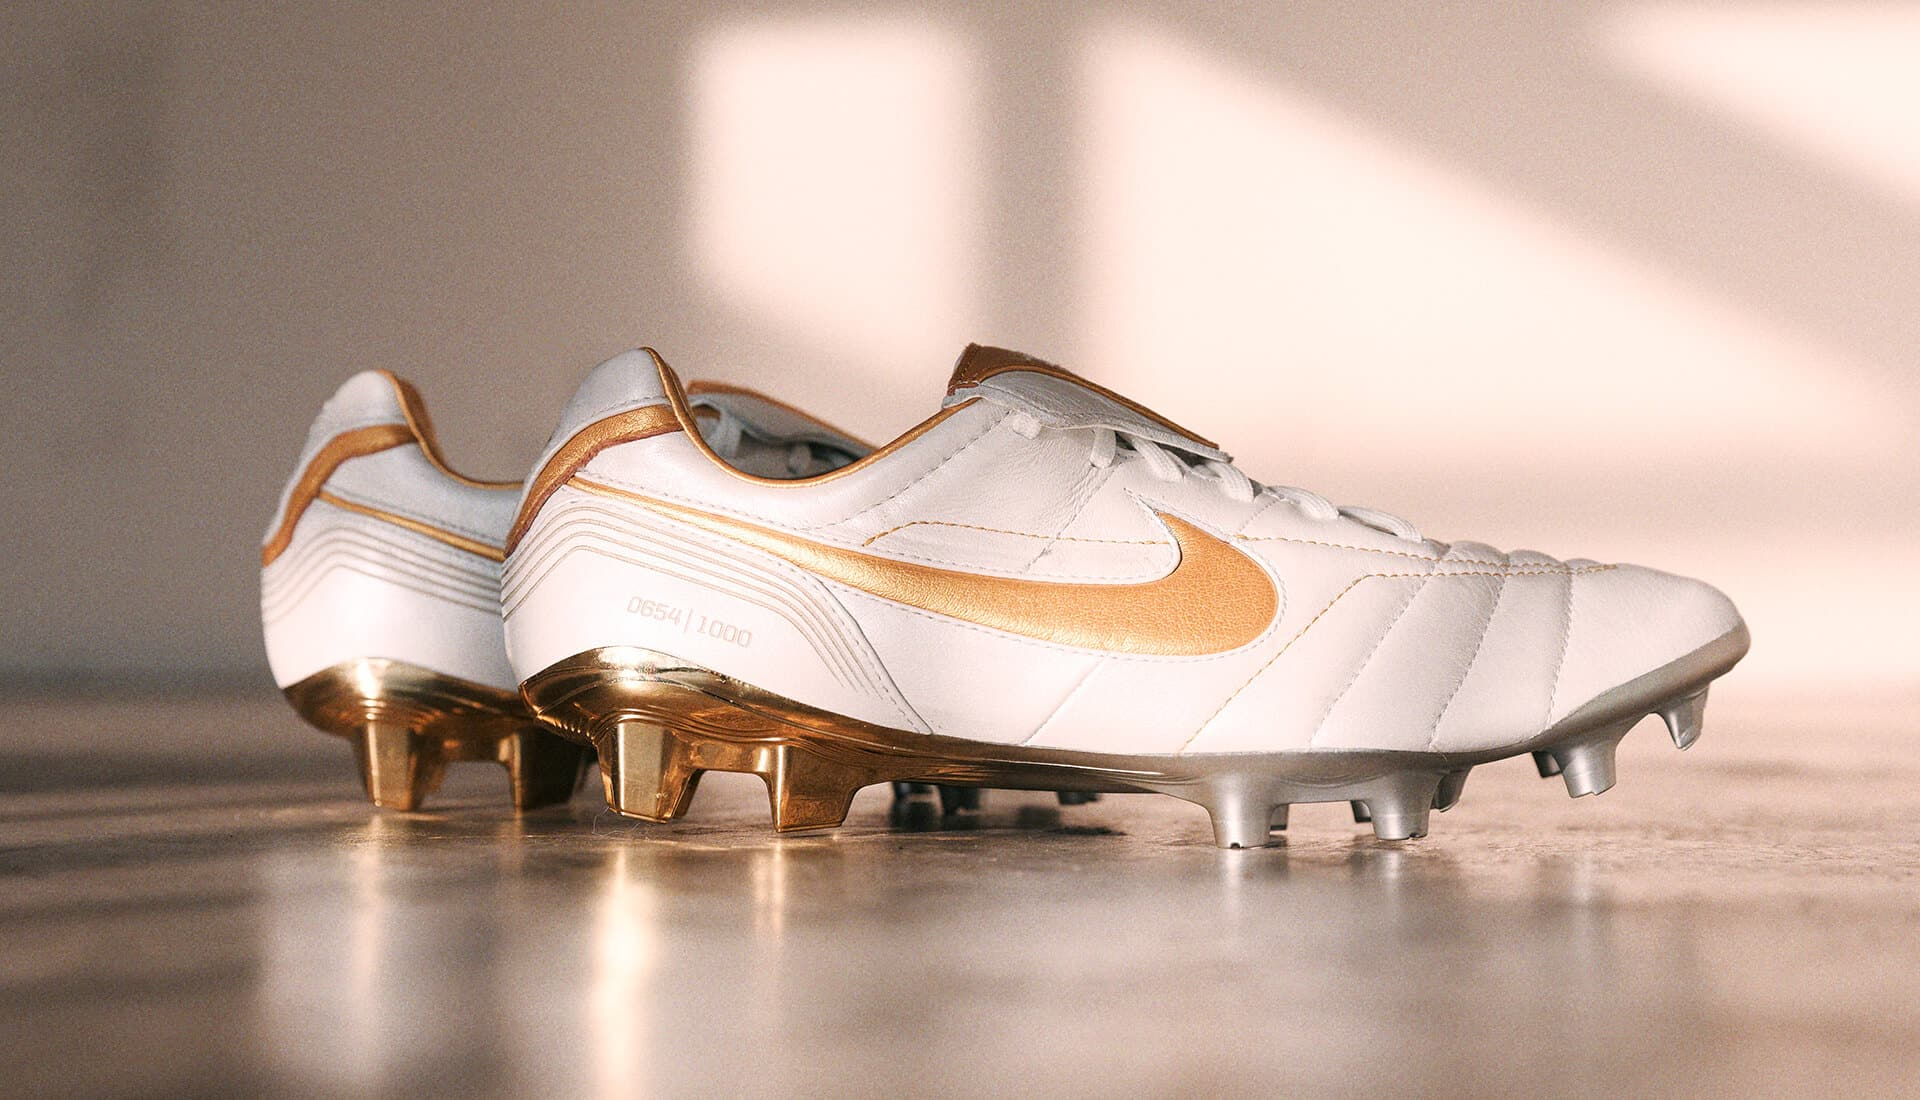 Limitée Tiempo 10r Nike De Édition La Dévoile Ronaldinho Une ZwxxtBq4S